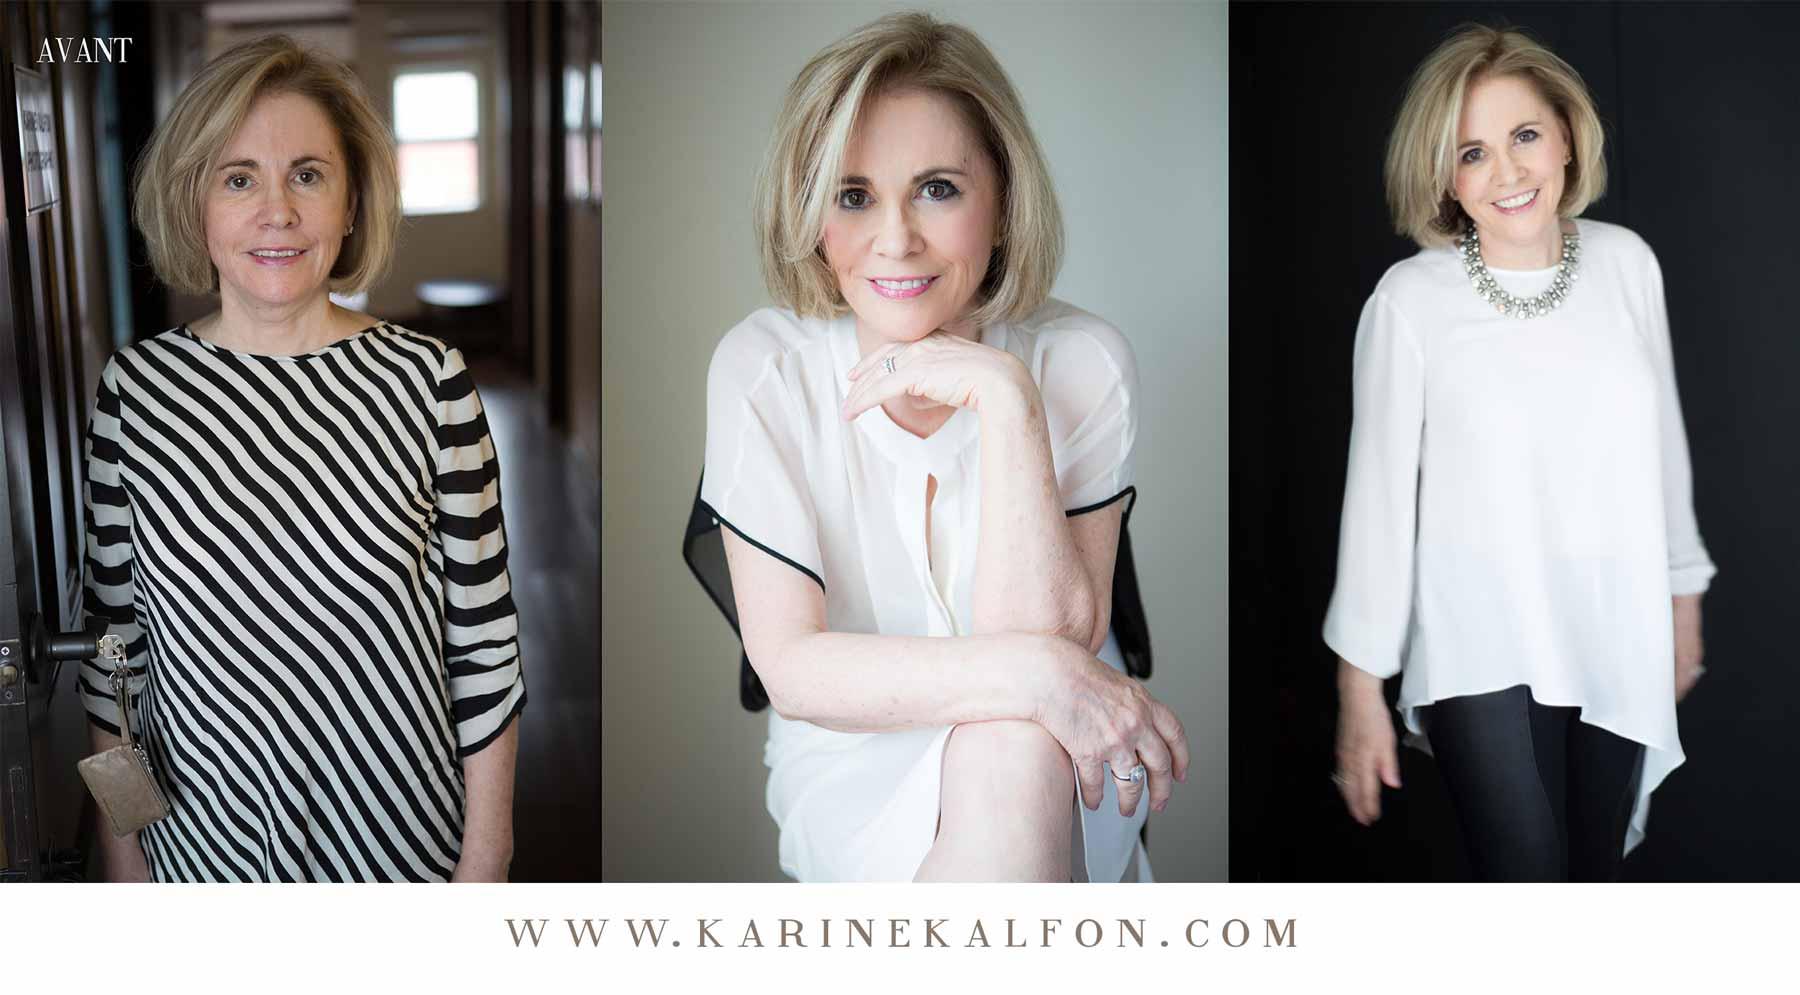 Karine_Kalfon_Portrait_6